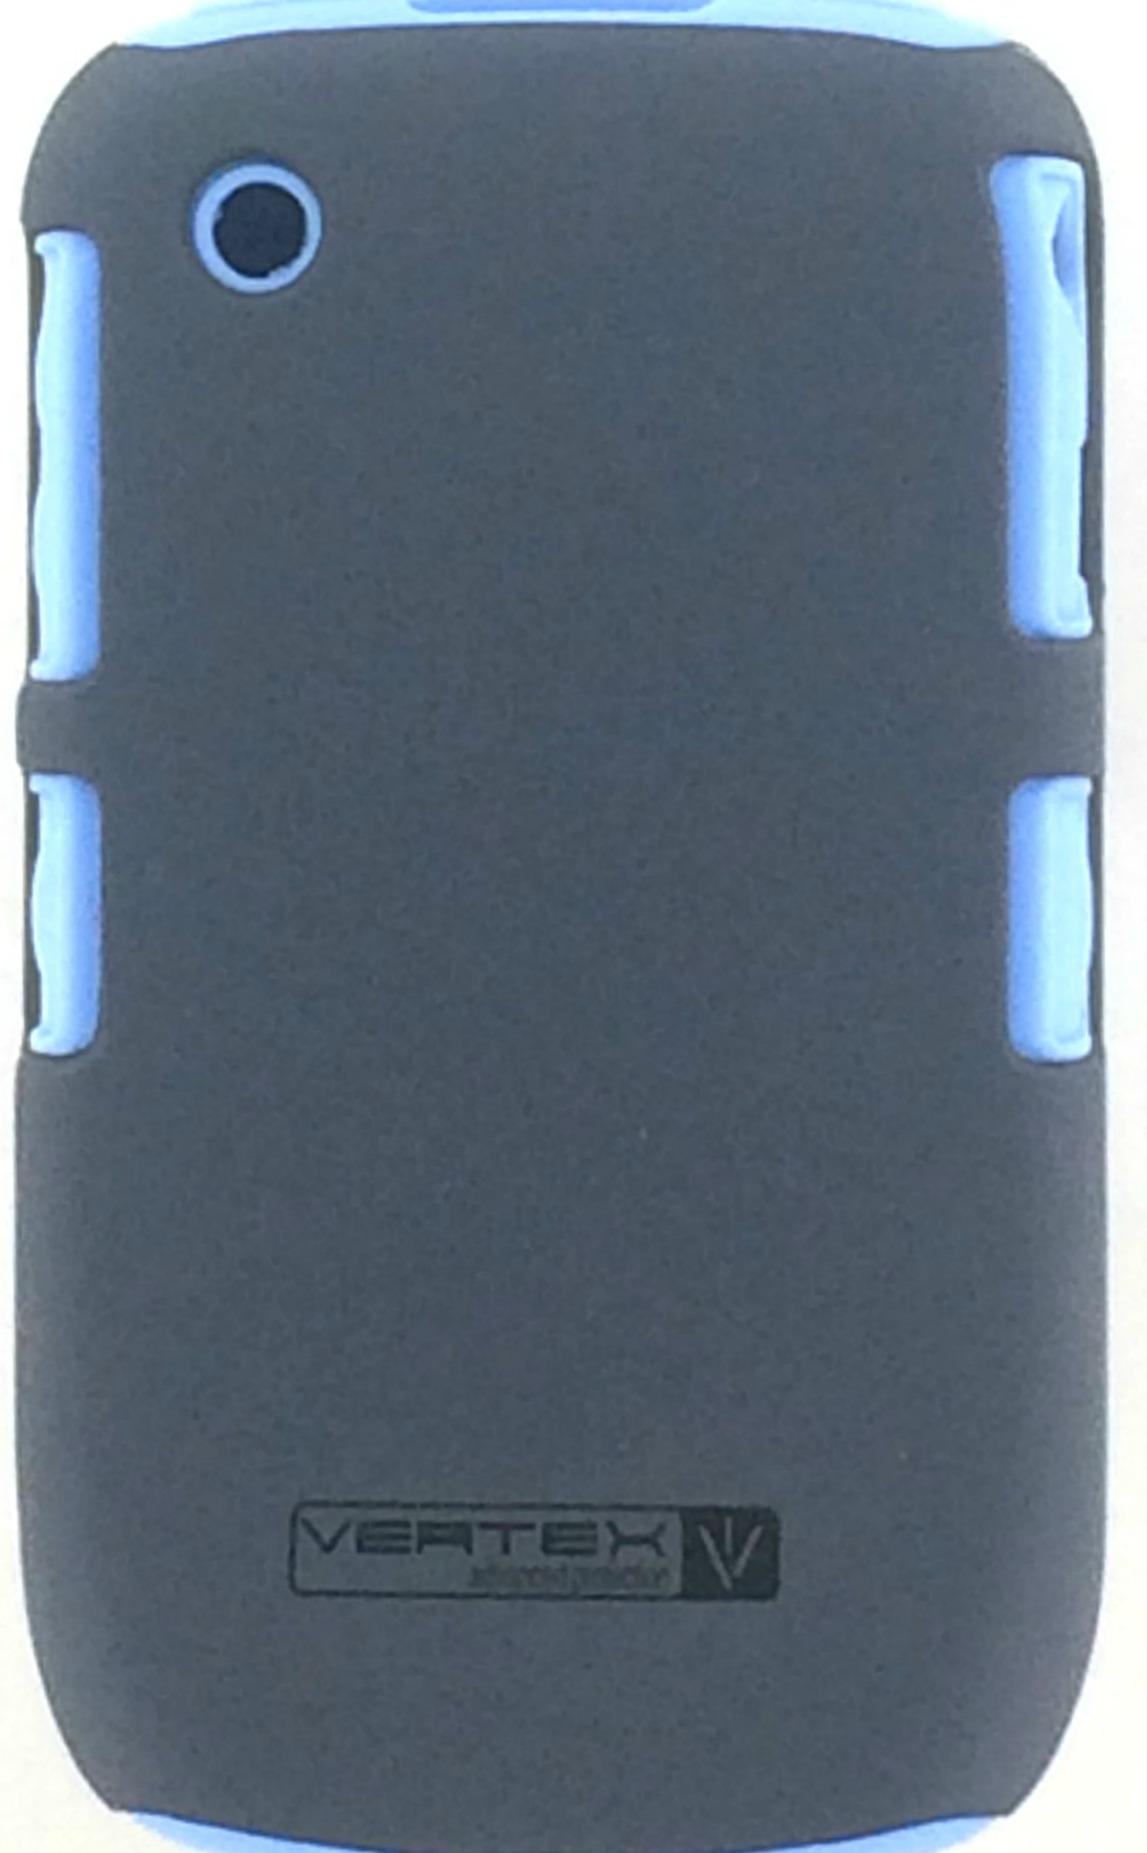 Naztech Vertex 3-Layer Case for BlackBerry 8520, 8530 - Blue